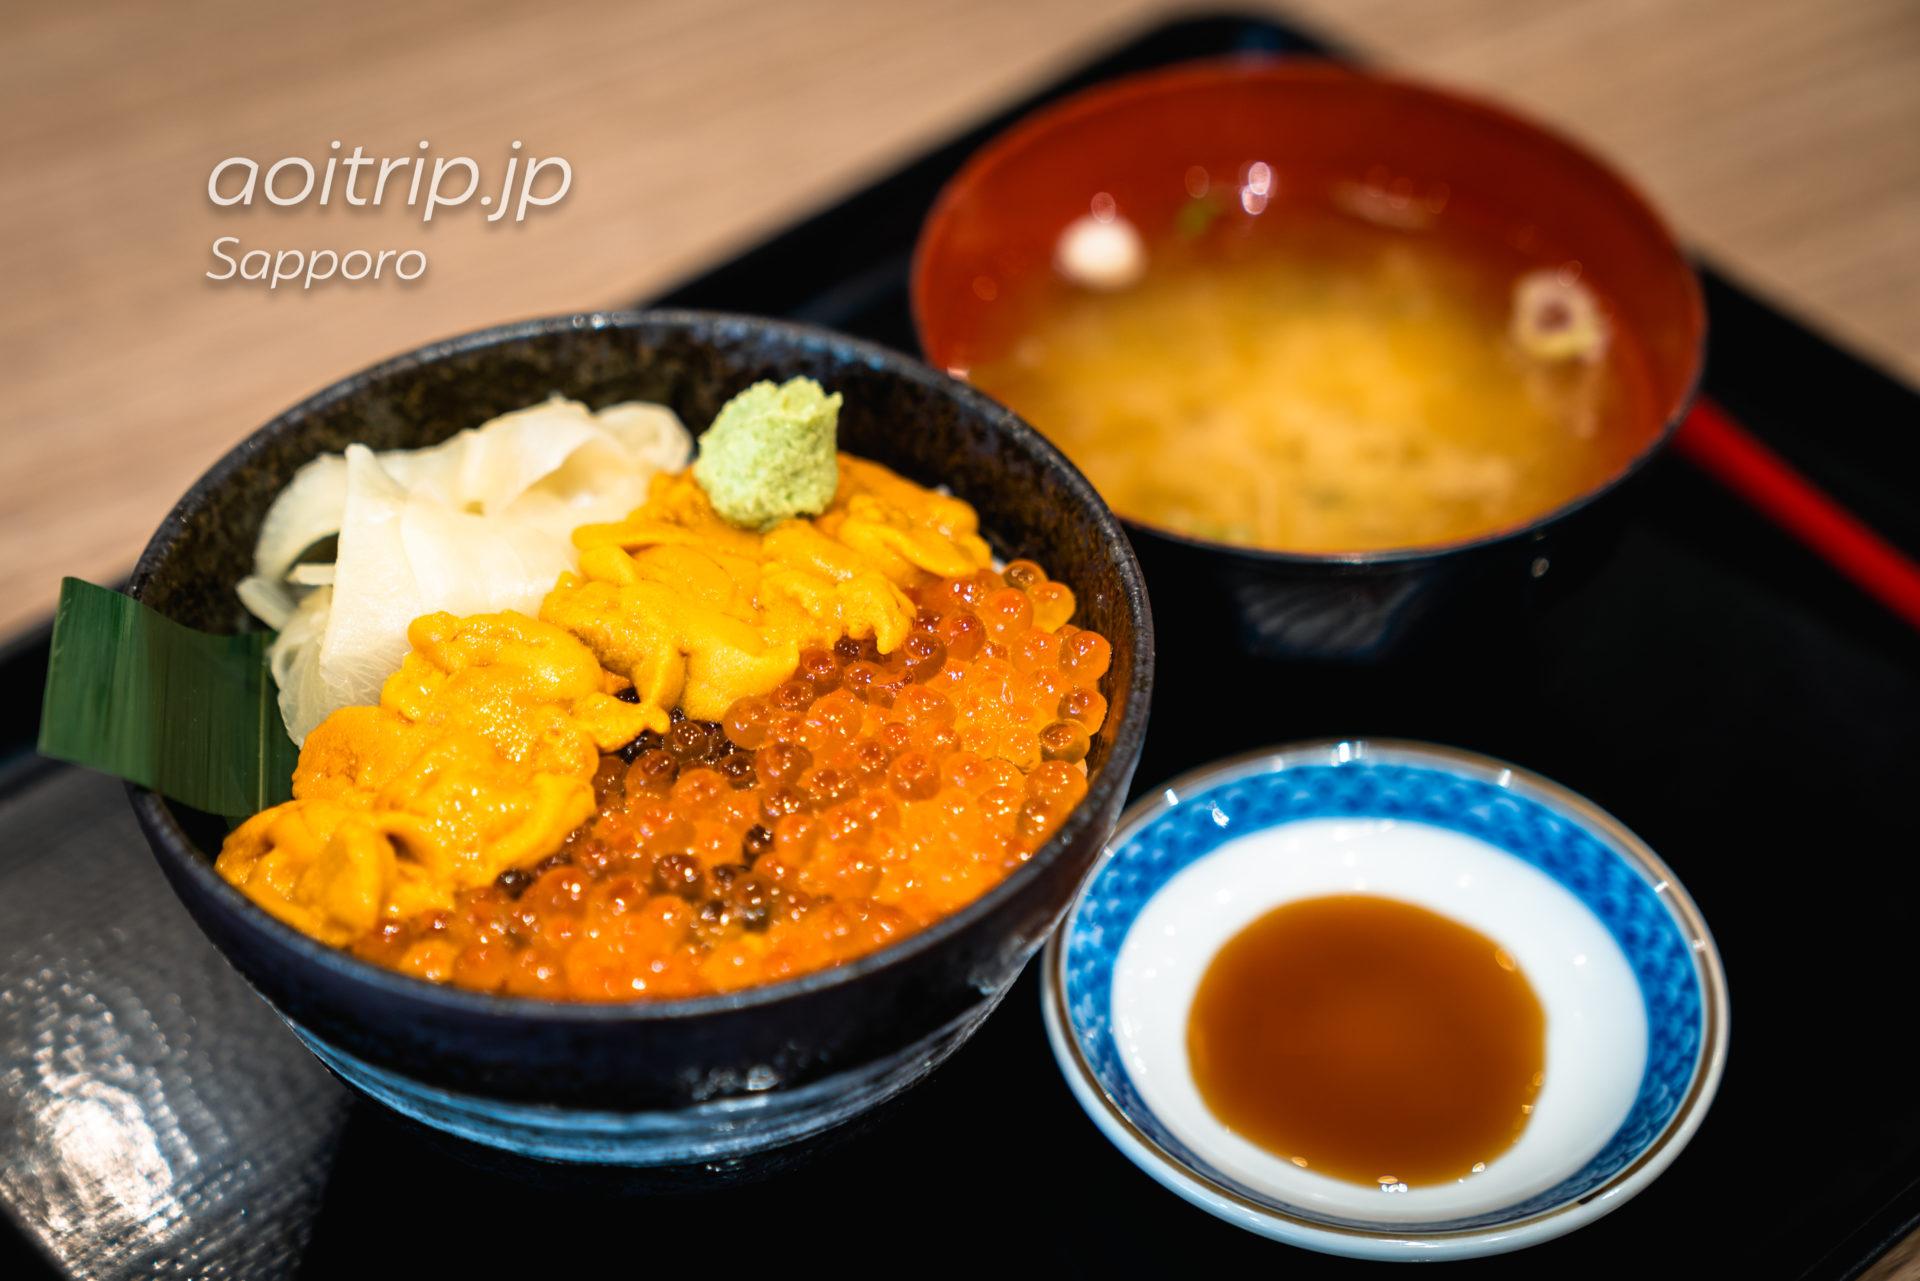 札幌 二条市場 大磯のウニ・イクラ二色丼